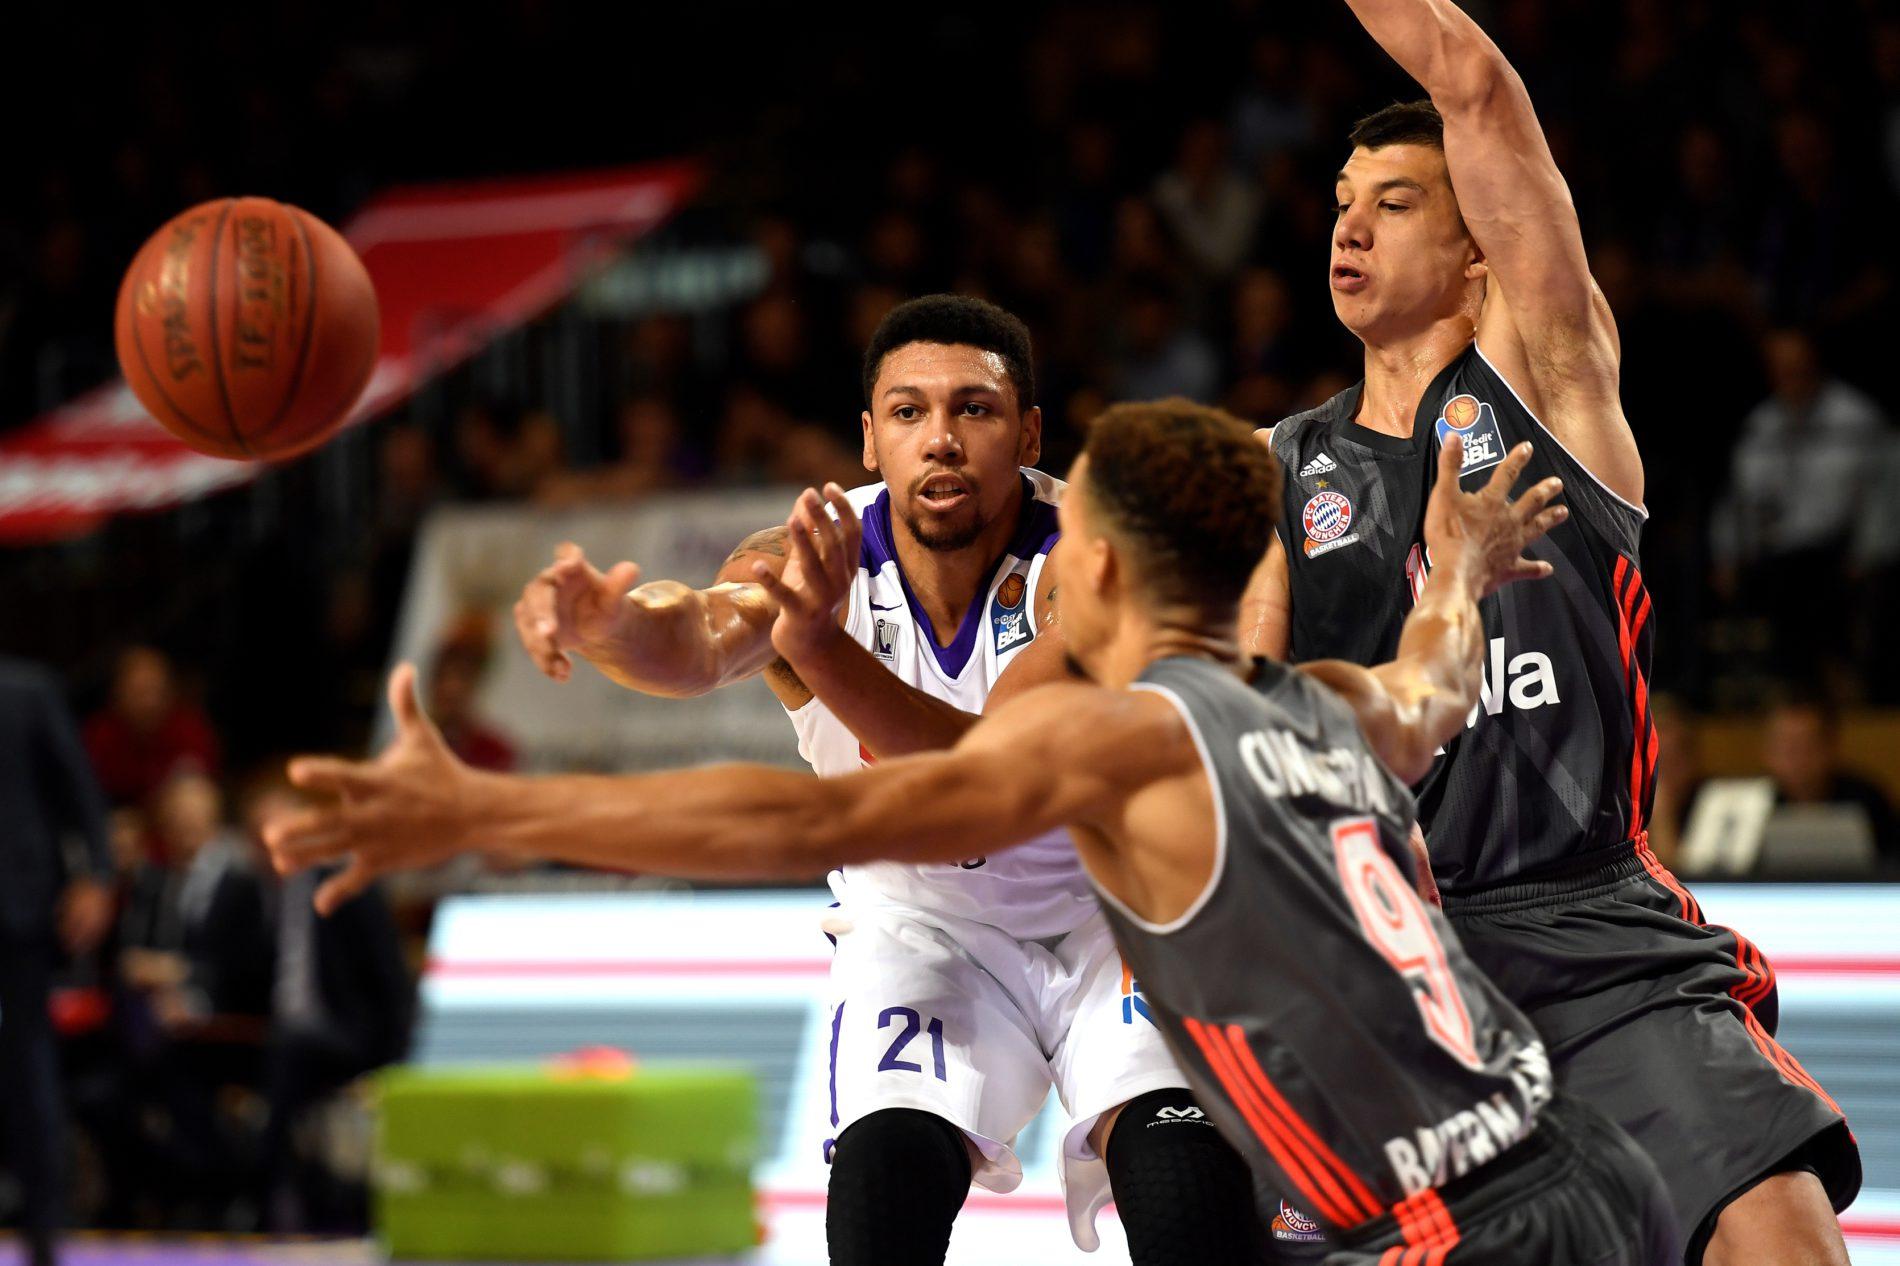 Kampfszene aus dem Basketball-Spiel zwischen Göttingen und München